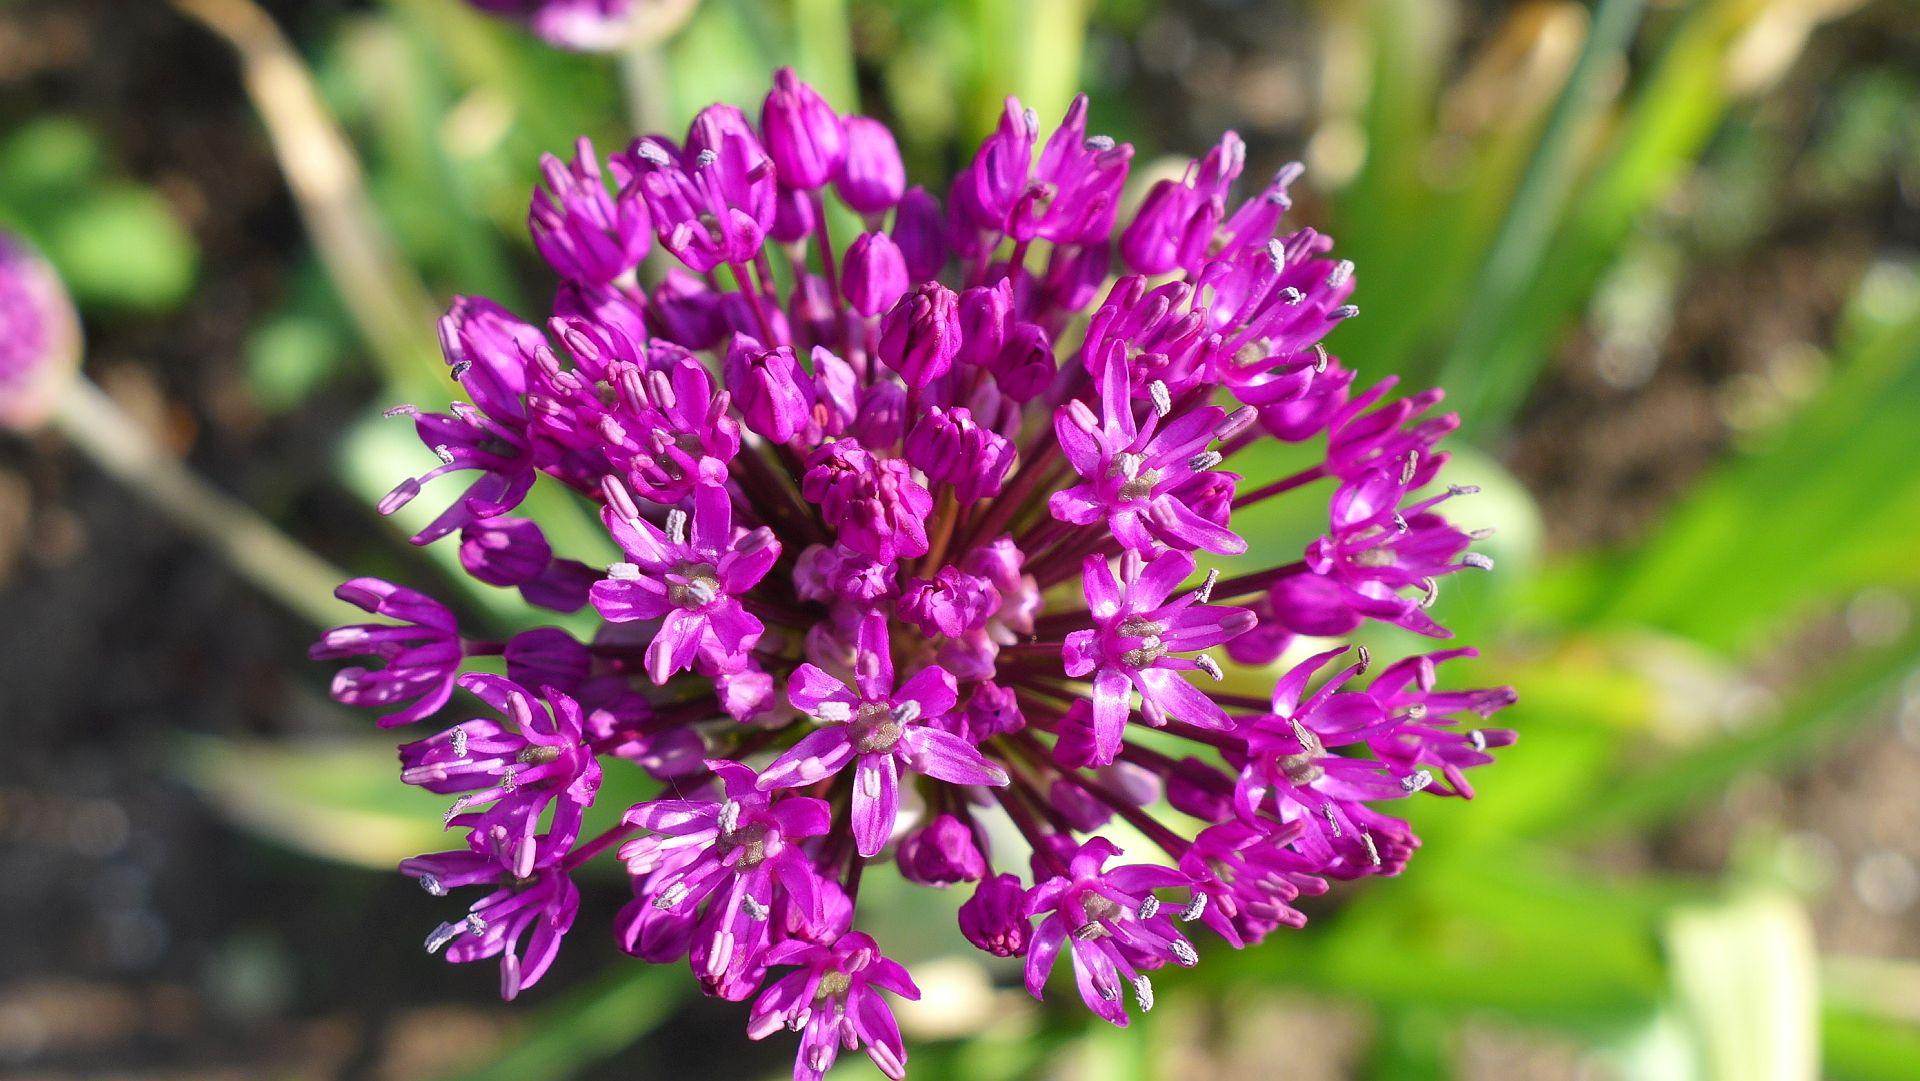 09_Blühender Frühling